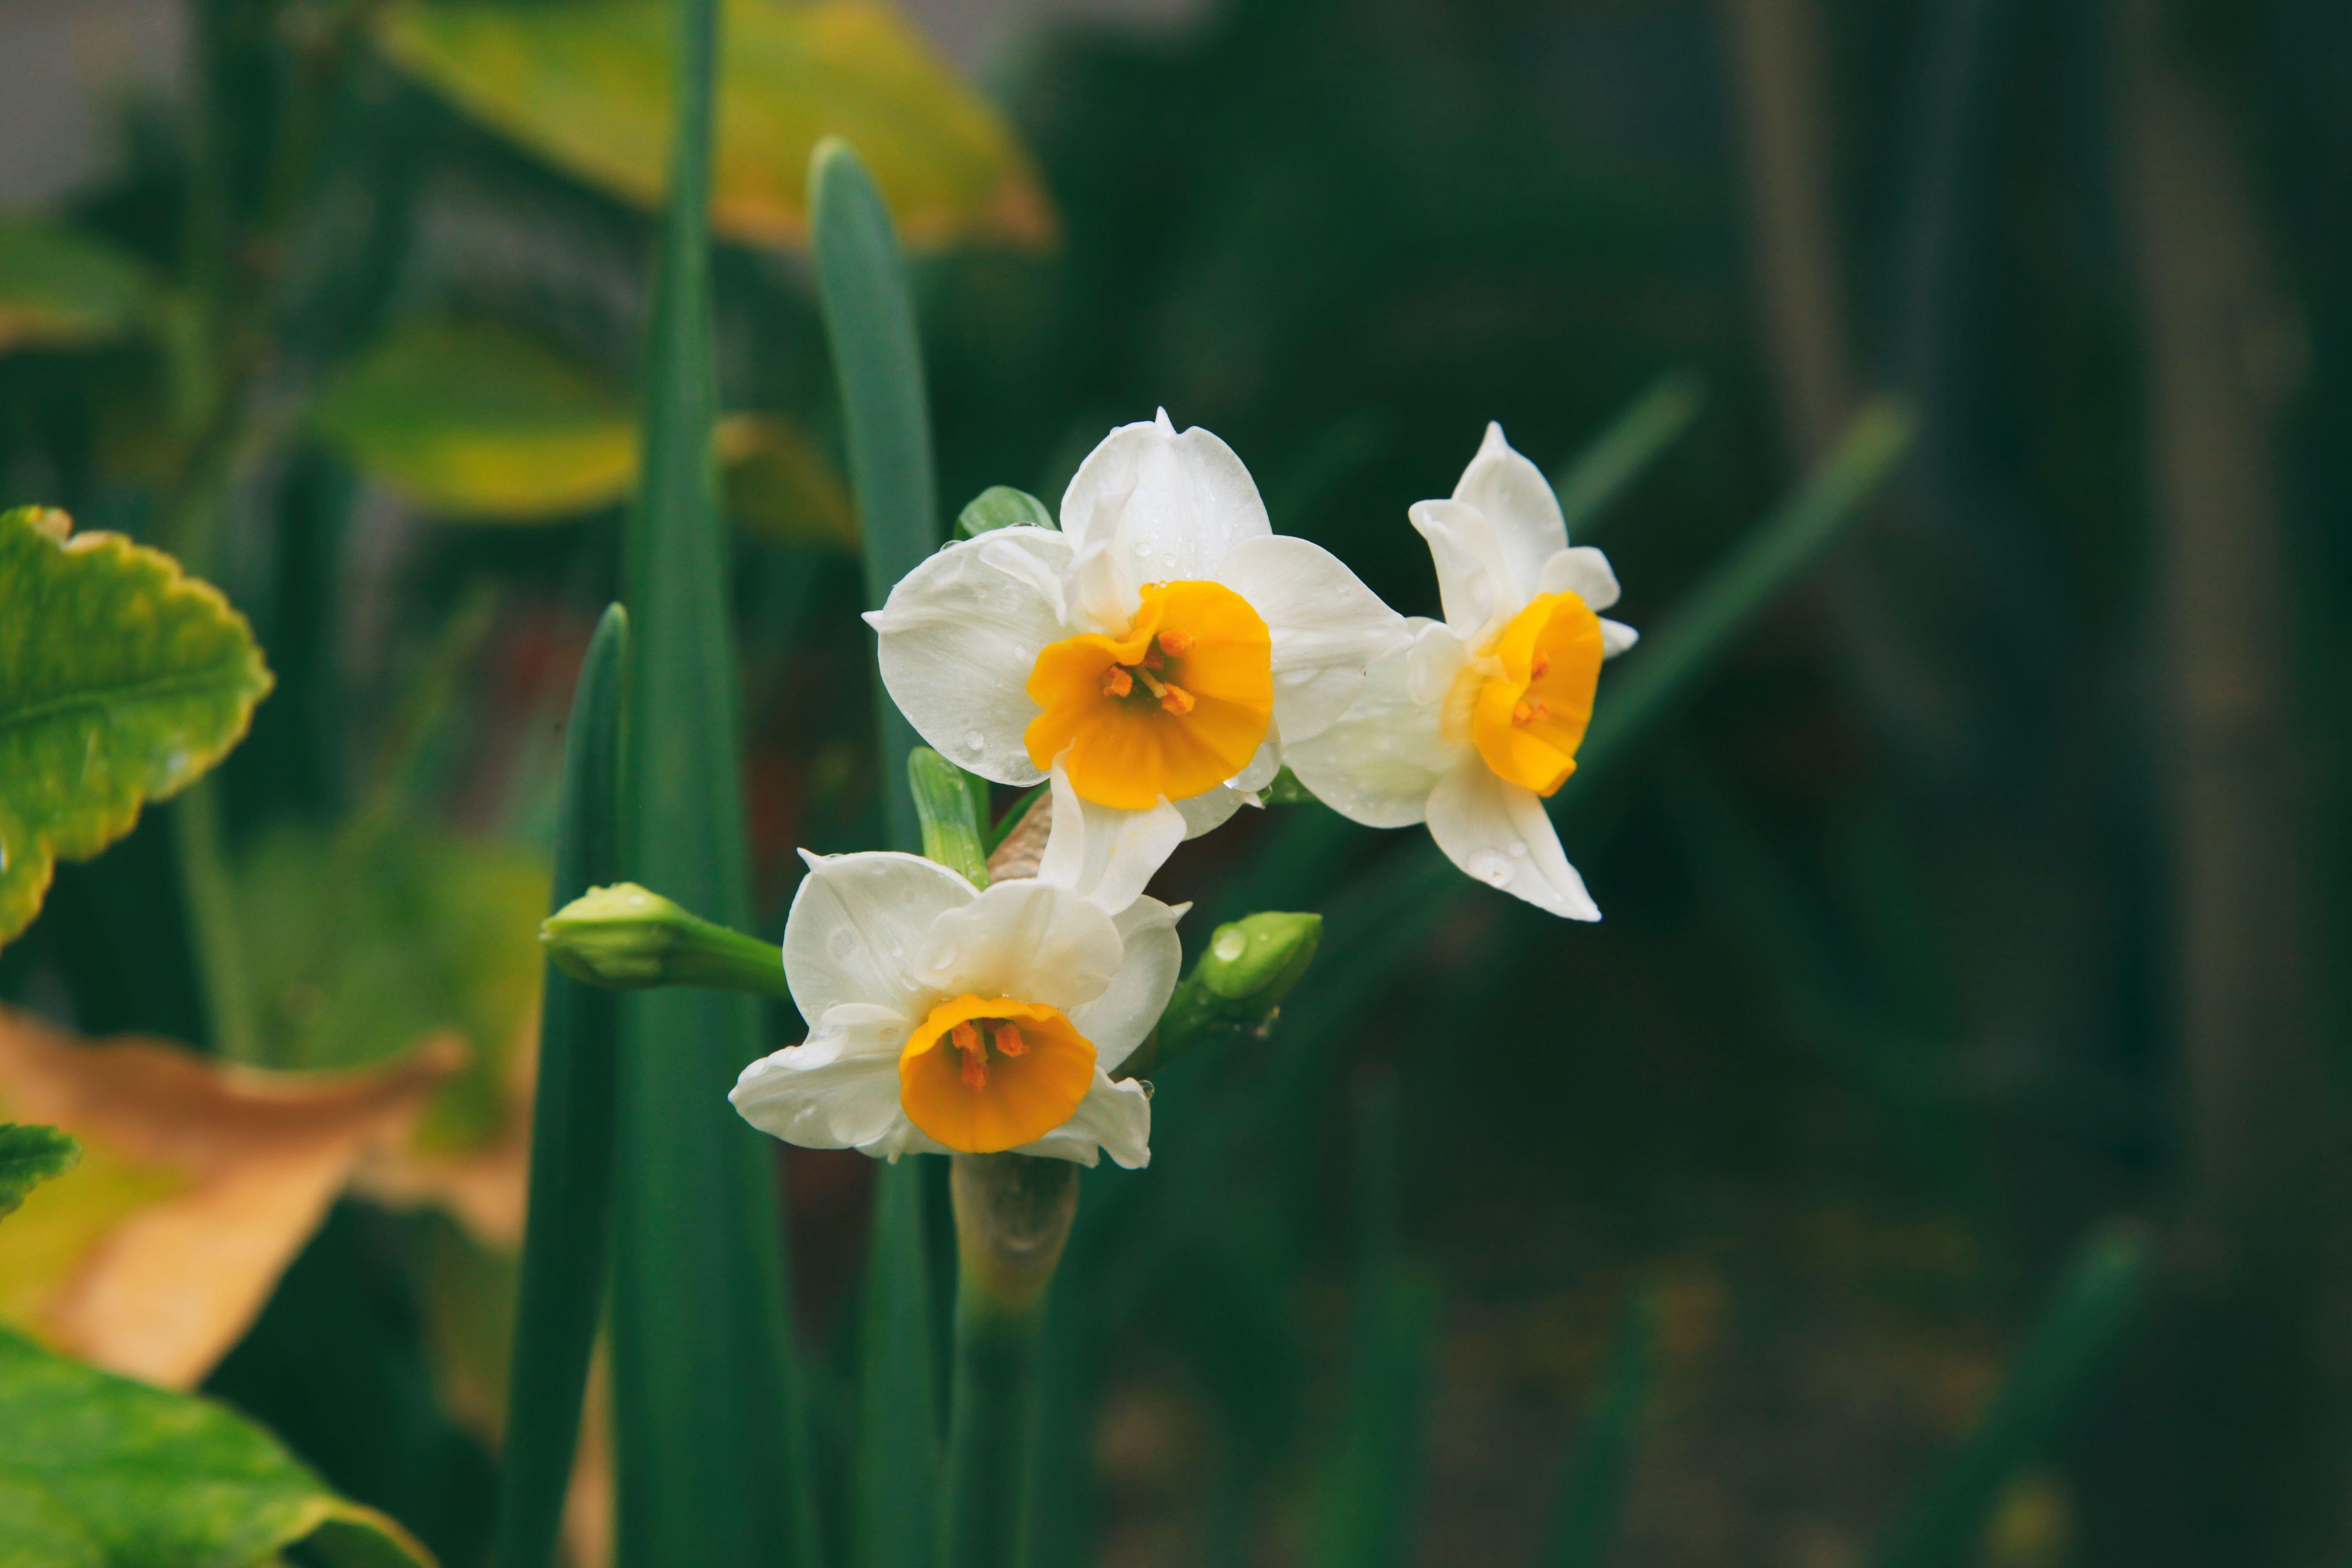 水仙の中でも「ニホンスイセン」は、冬の間から香りの良い花を咲かせます。お客様への心遣いとして、トイレや洗面台に飾るのもおすすめですよ。